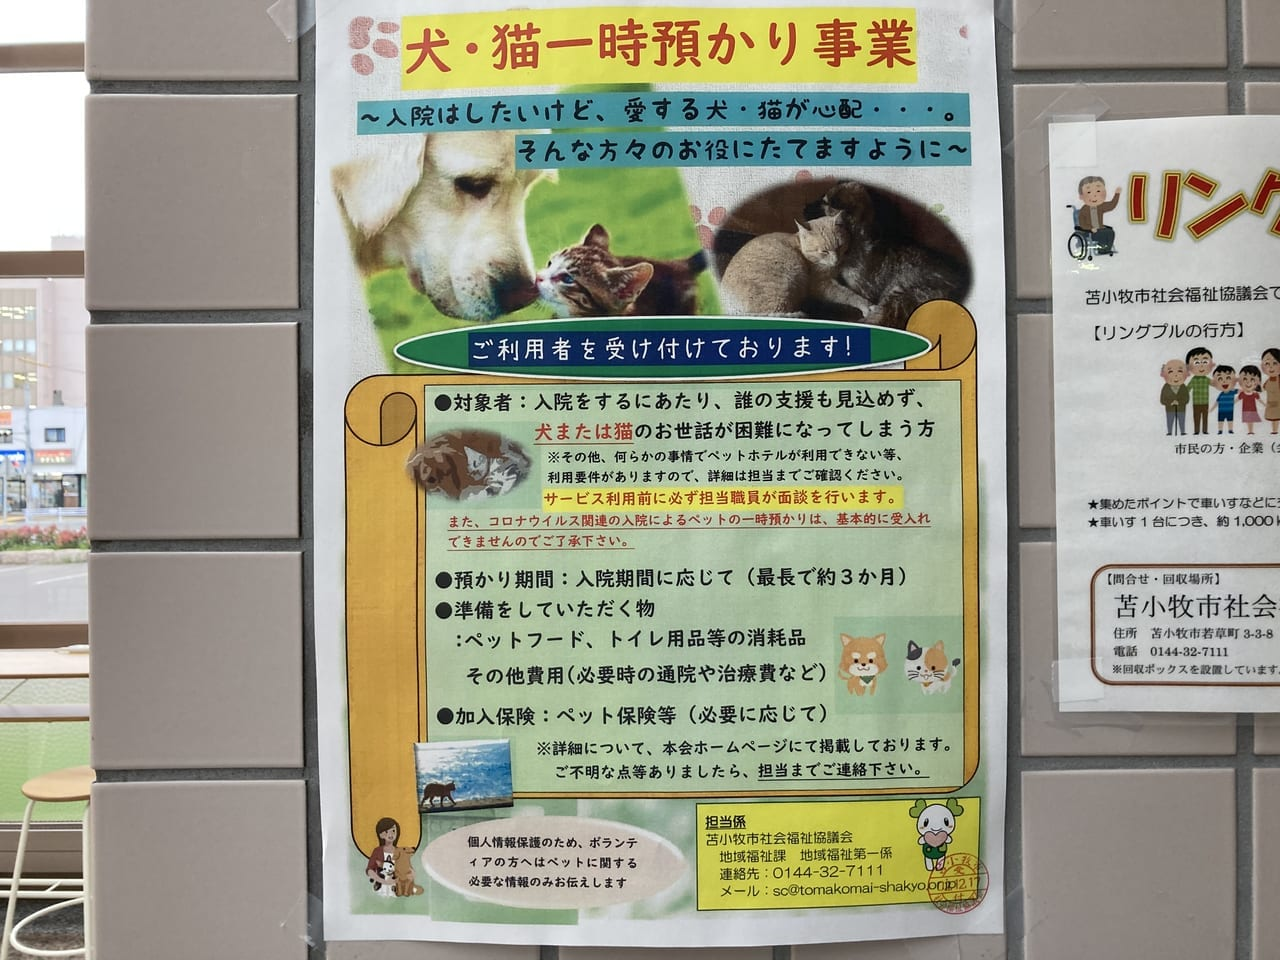 犬猫一時預かり事業ポスター